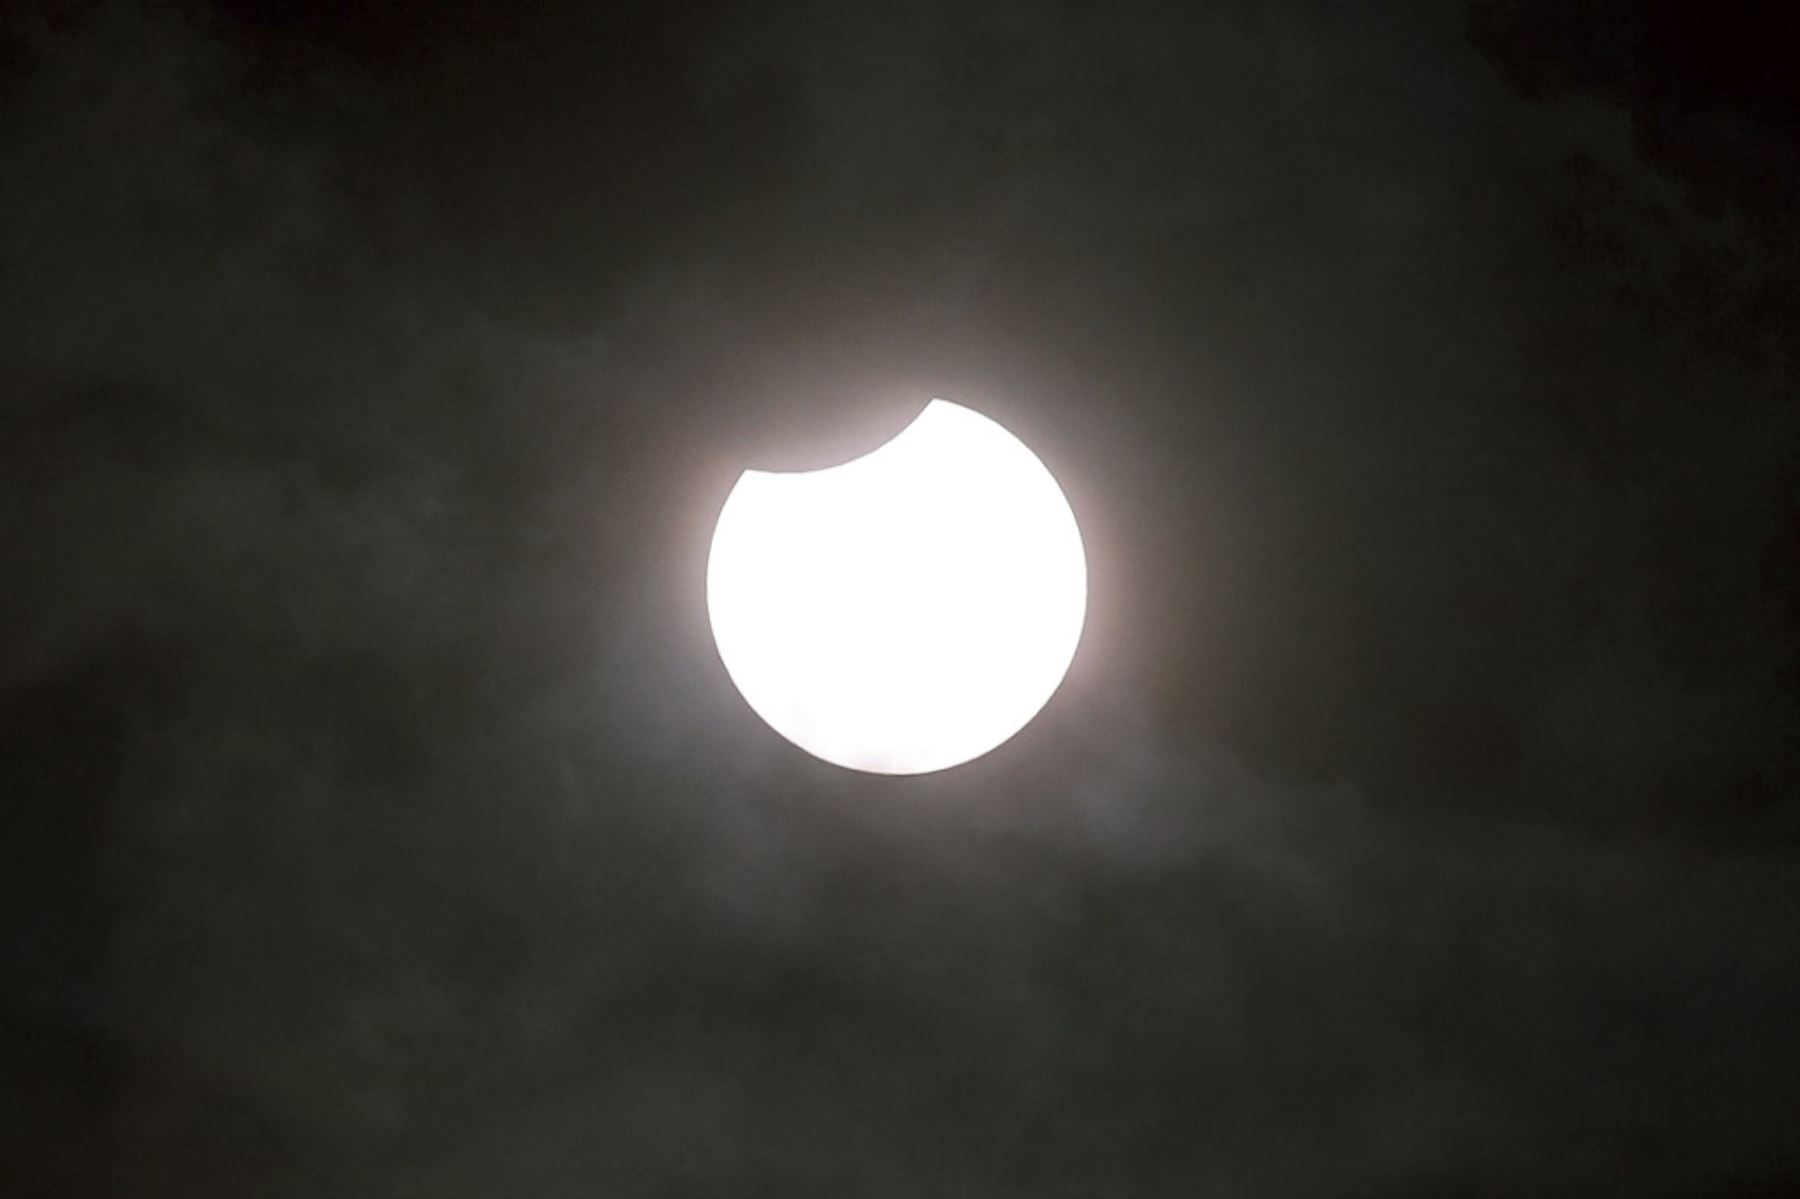 Una fotografía tomada el 10 de junio de 2021 muestra un eclipse solar parcial, representado en Gaiberg cerca de Heidelberg, suroeste de Alemania, el 10 de junio de 2021. Foto: AFP